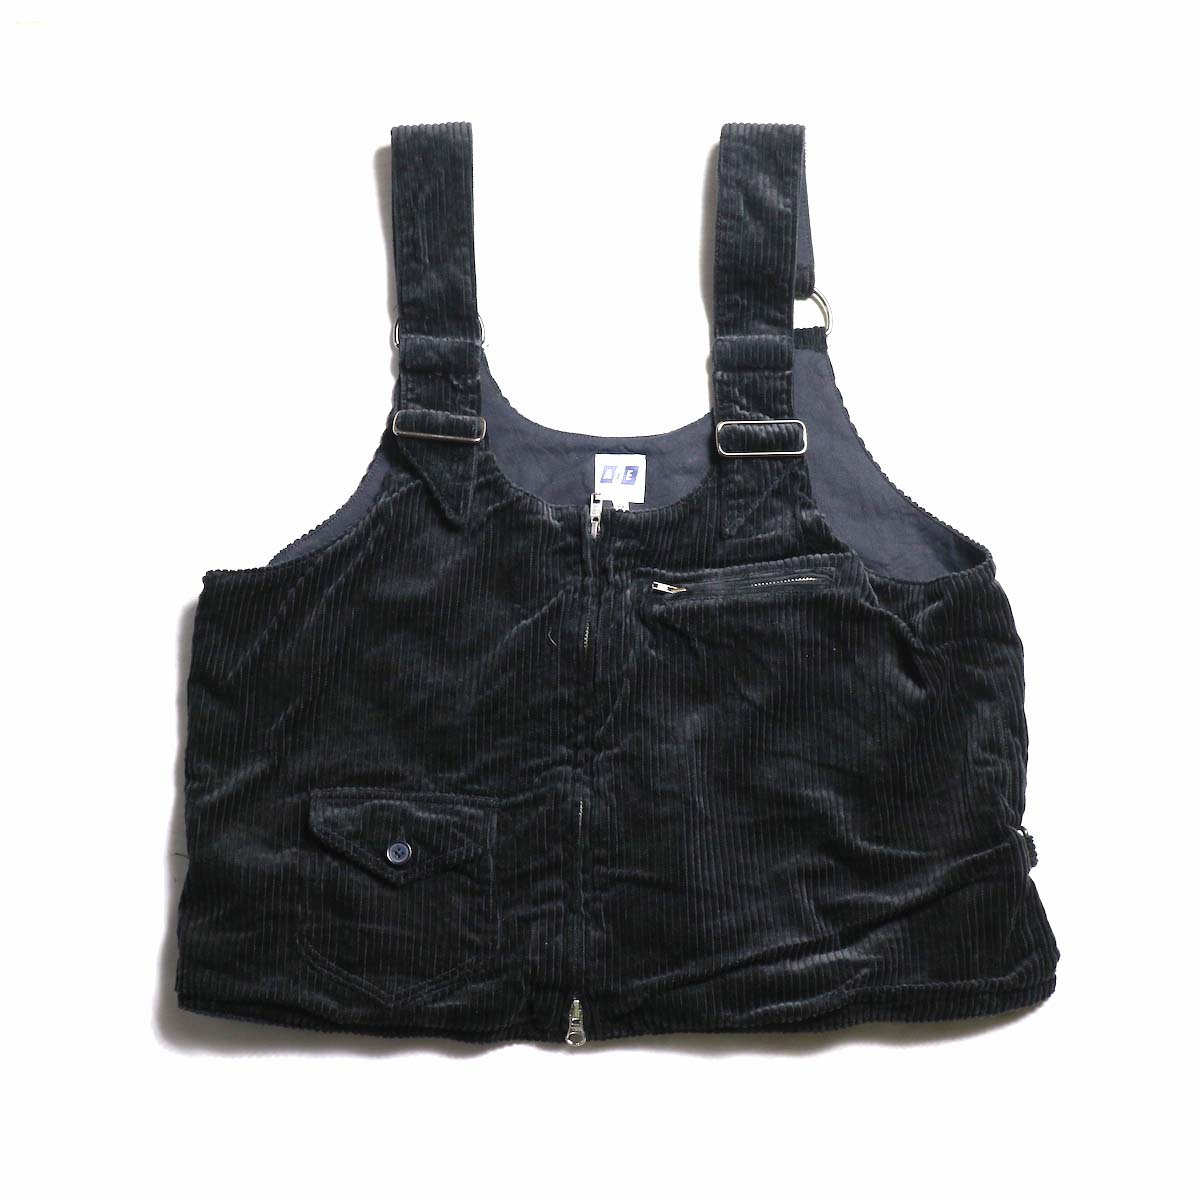 AiE / dsd vest -Black